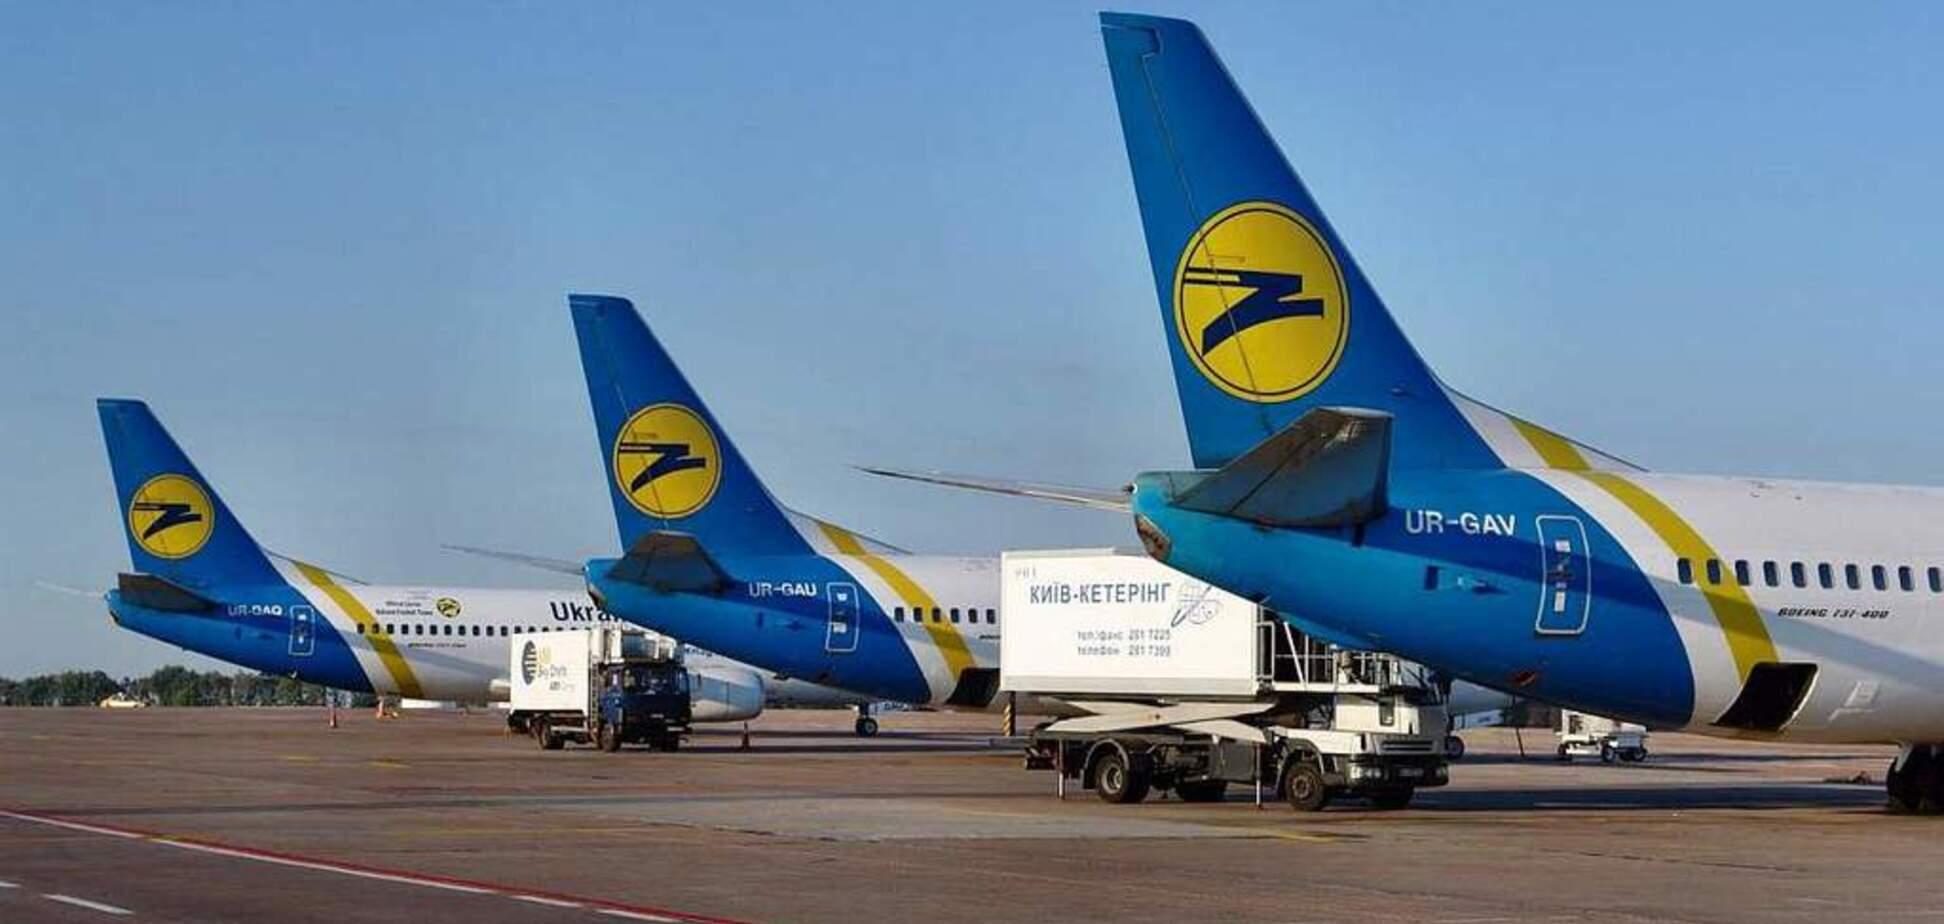 Рейс отменили: с украинским самолетом произошло ЧП из-за неизвестного вещества